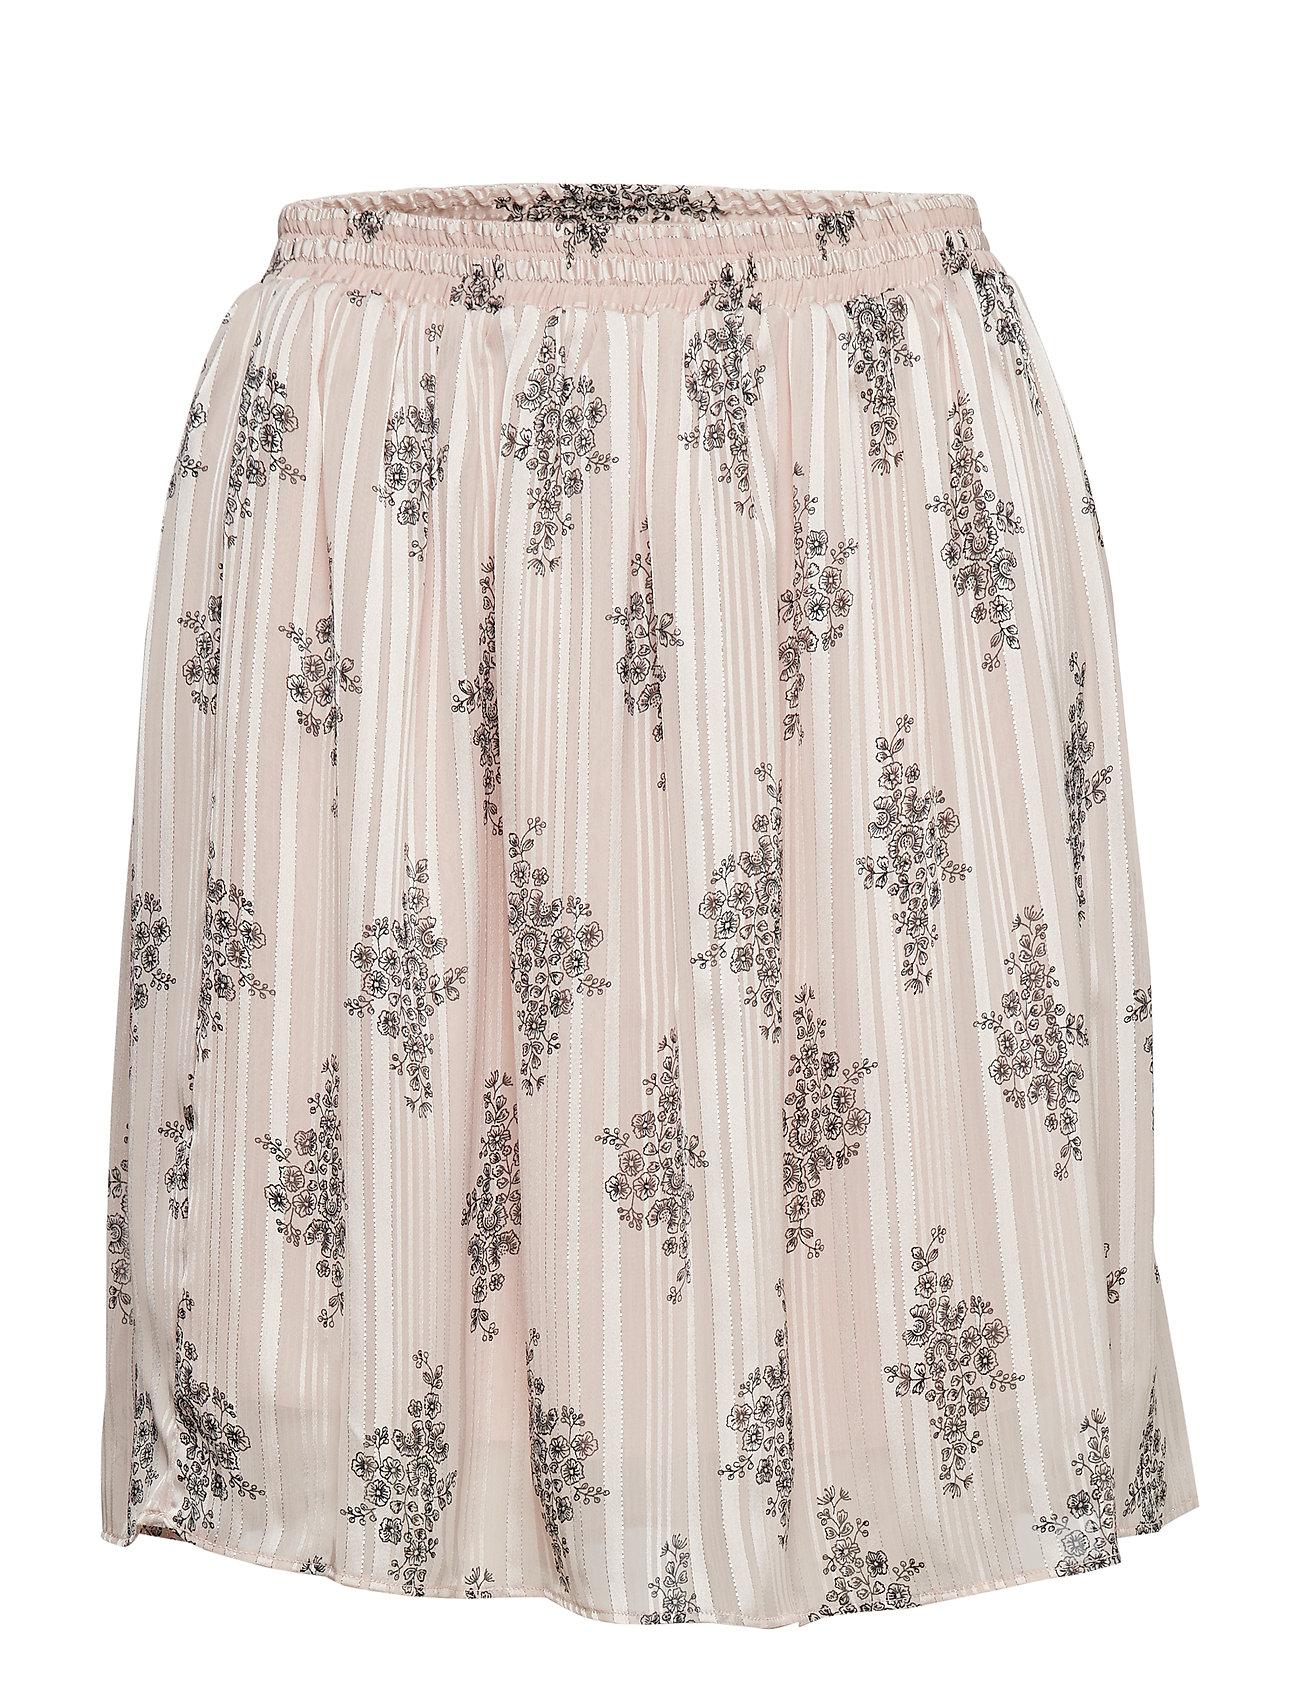 Rosemunde Skirt - VINTAGE POWDER FLOWER PRINT